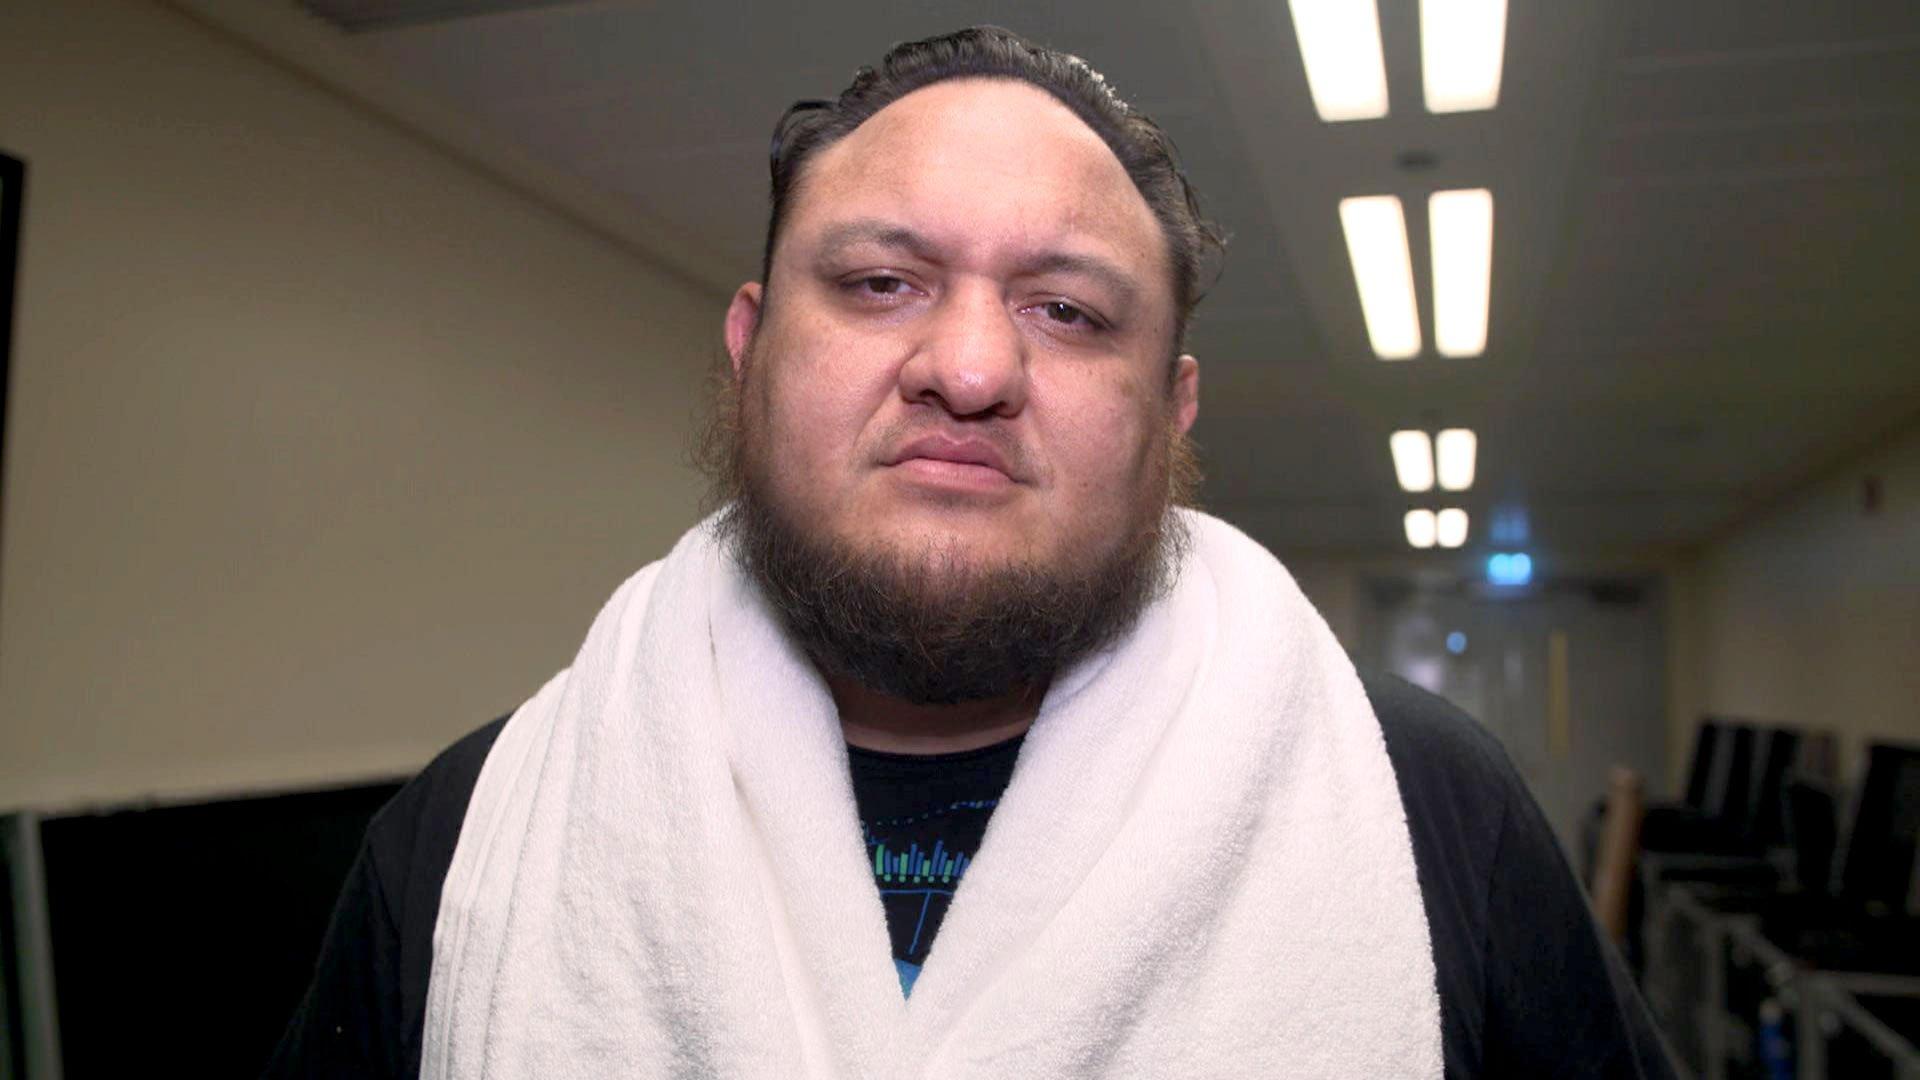 Samoa Joe prévoit d'ajouter une nouvelle distinction à son Titre des États-Unis à Super ShowDown: Exclusivité WWE.fr, 7 Juin 2019